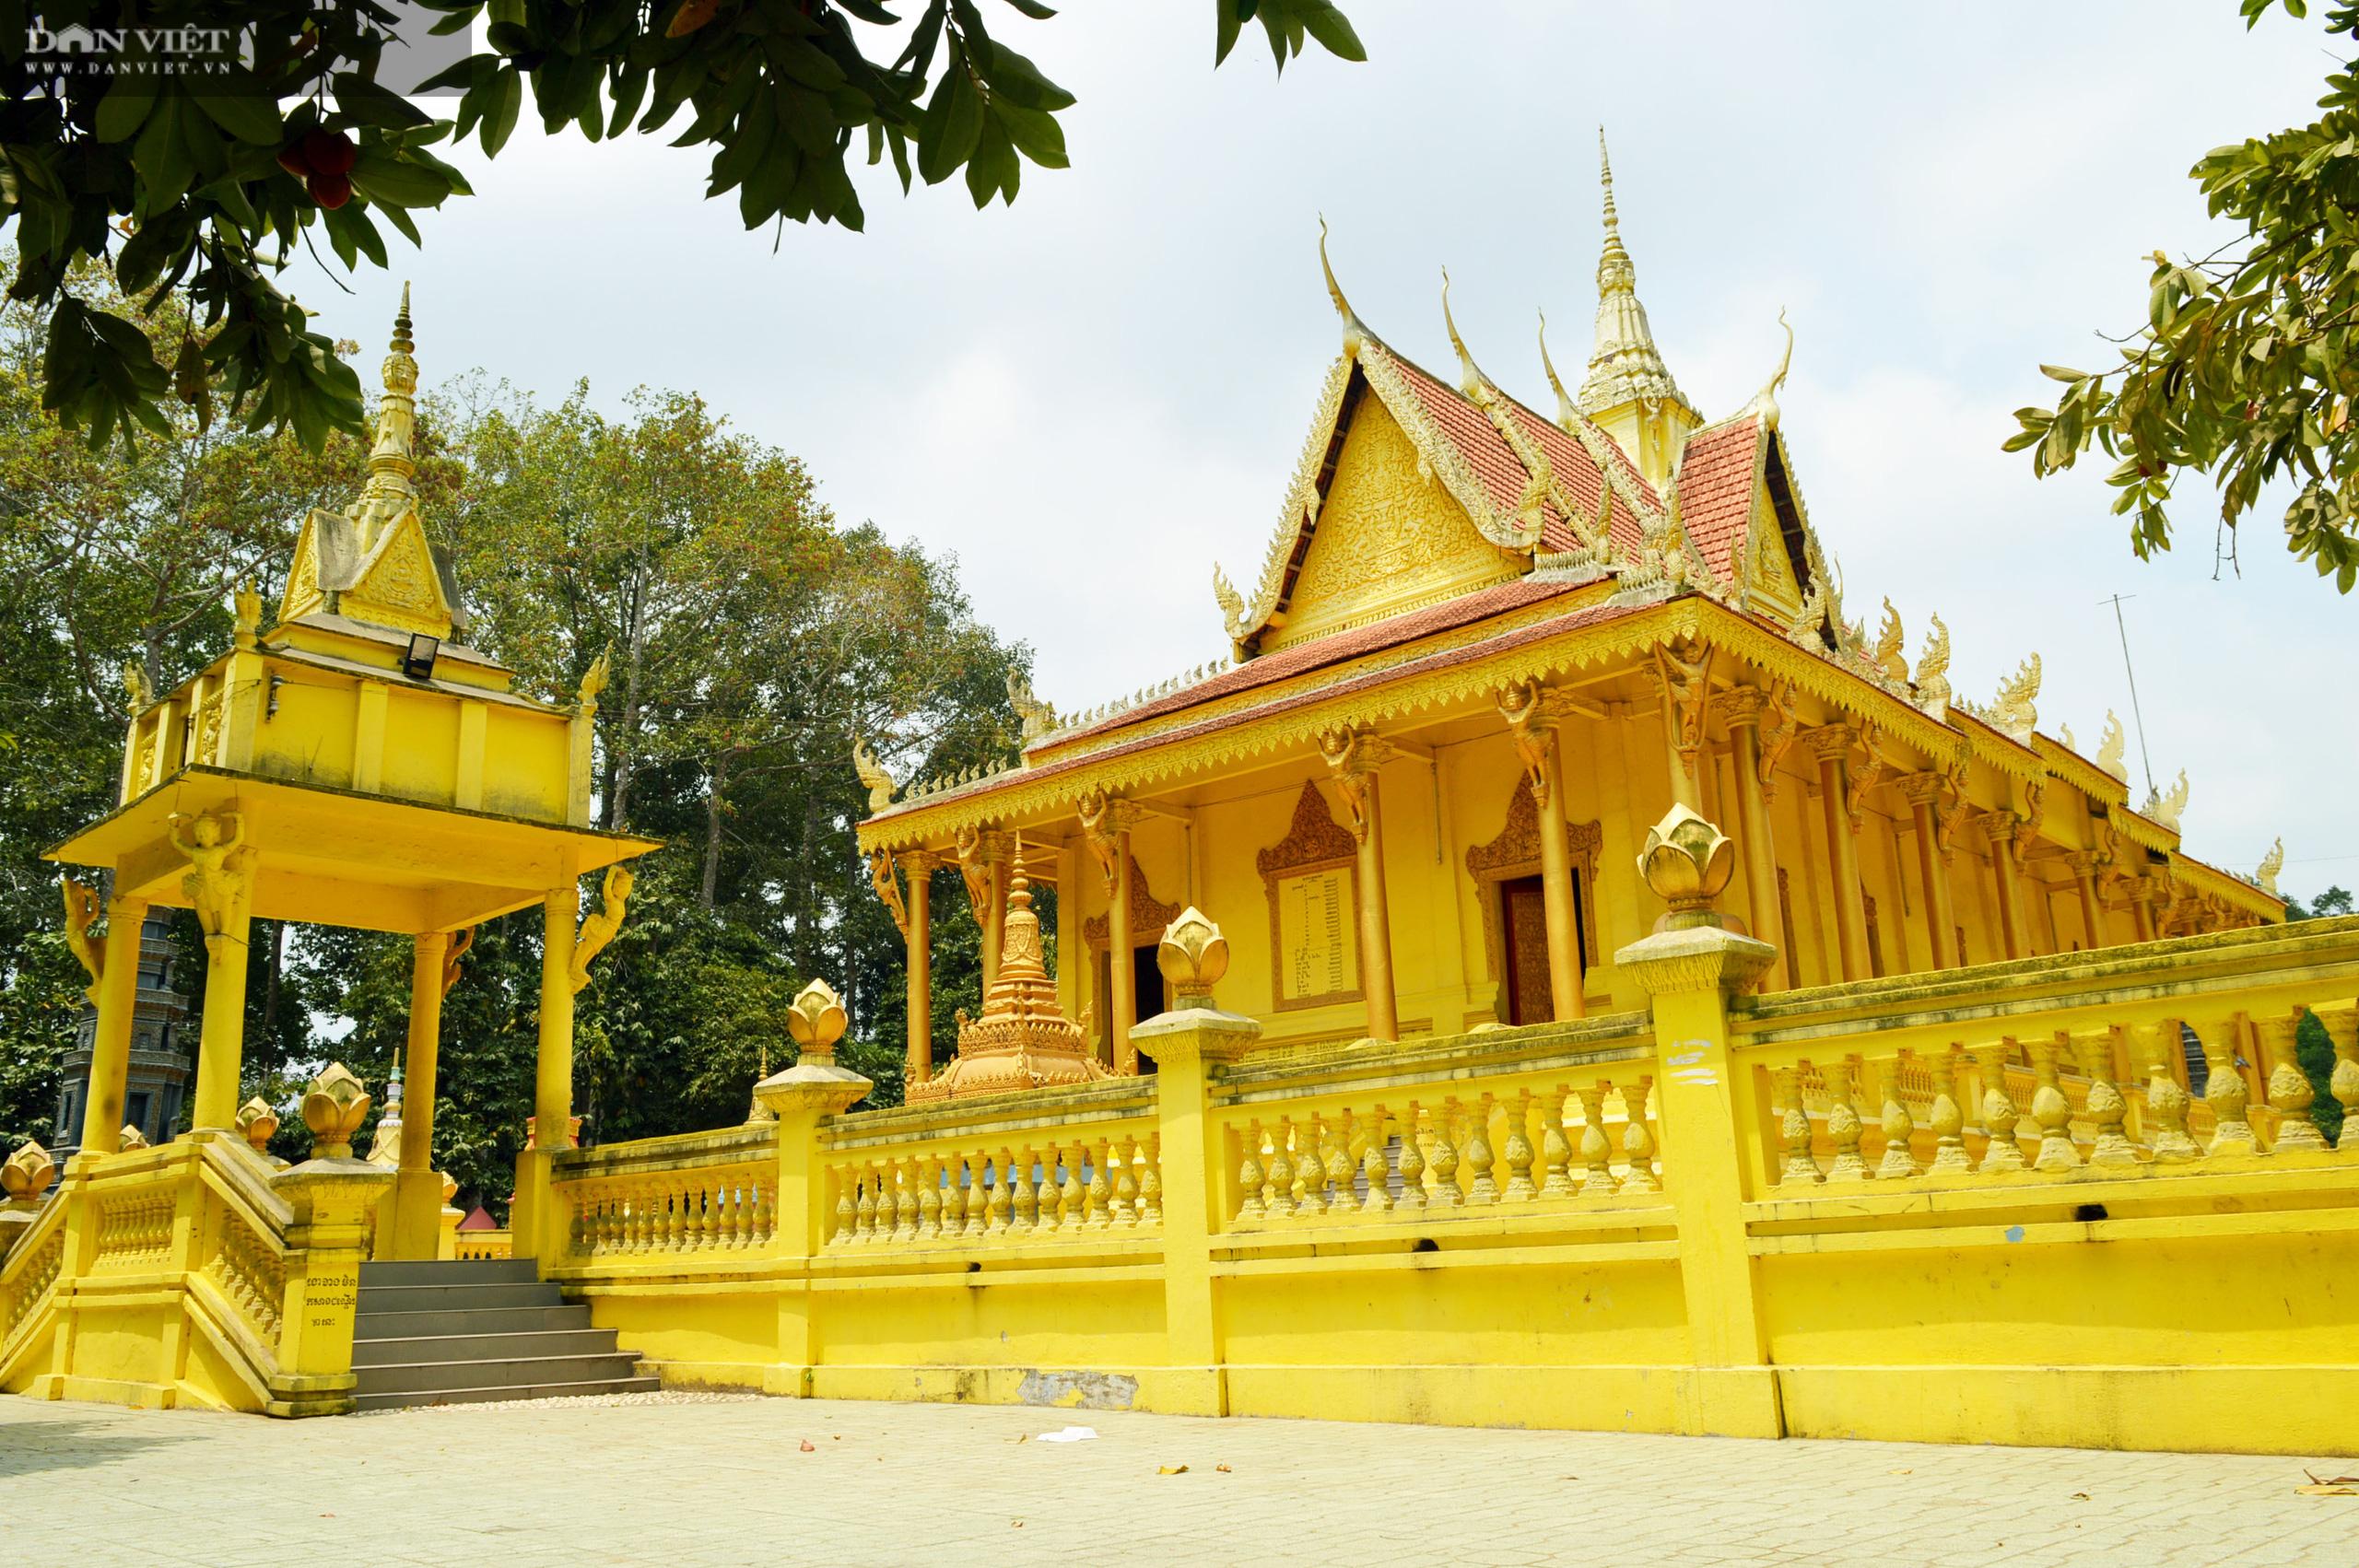 Sóc Trăng: Huyền bí ngôi chùa Khmer hơn 500 tuổi  - Ảnh 3.